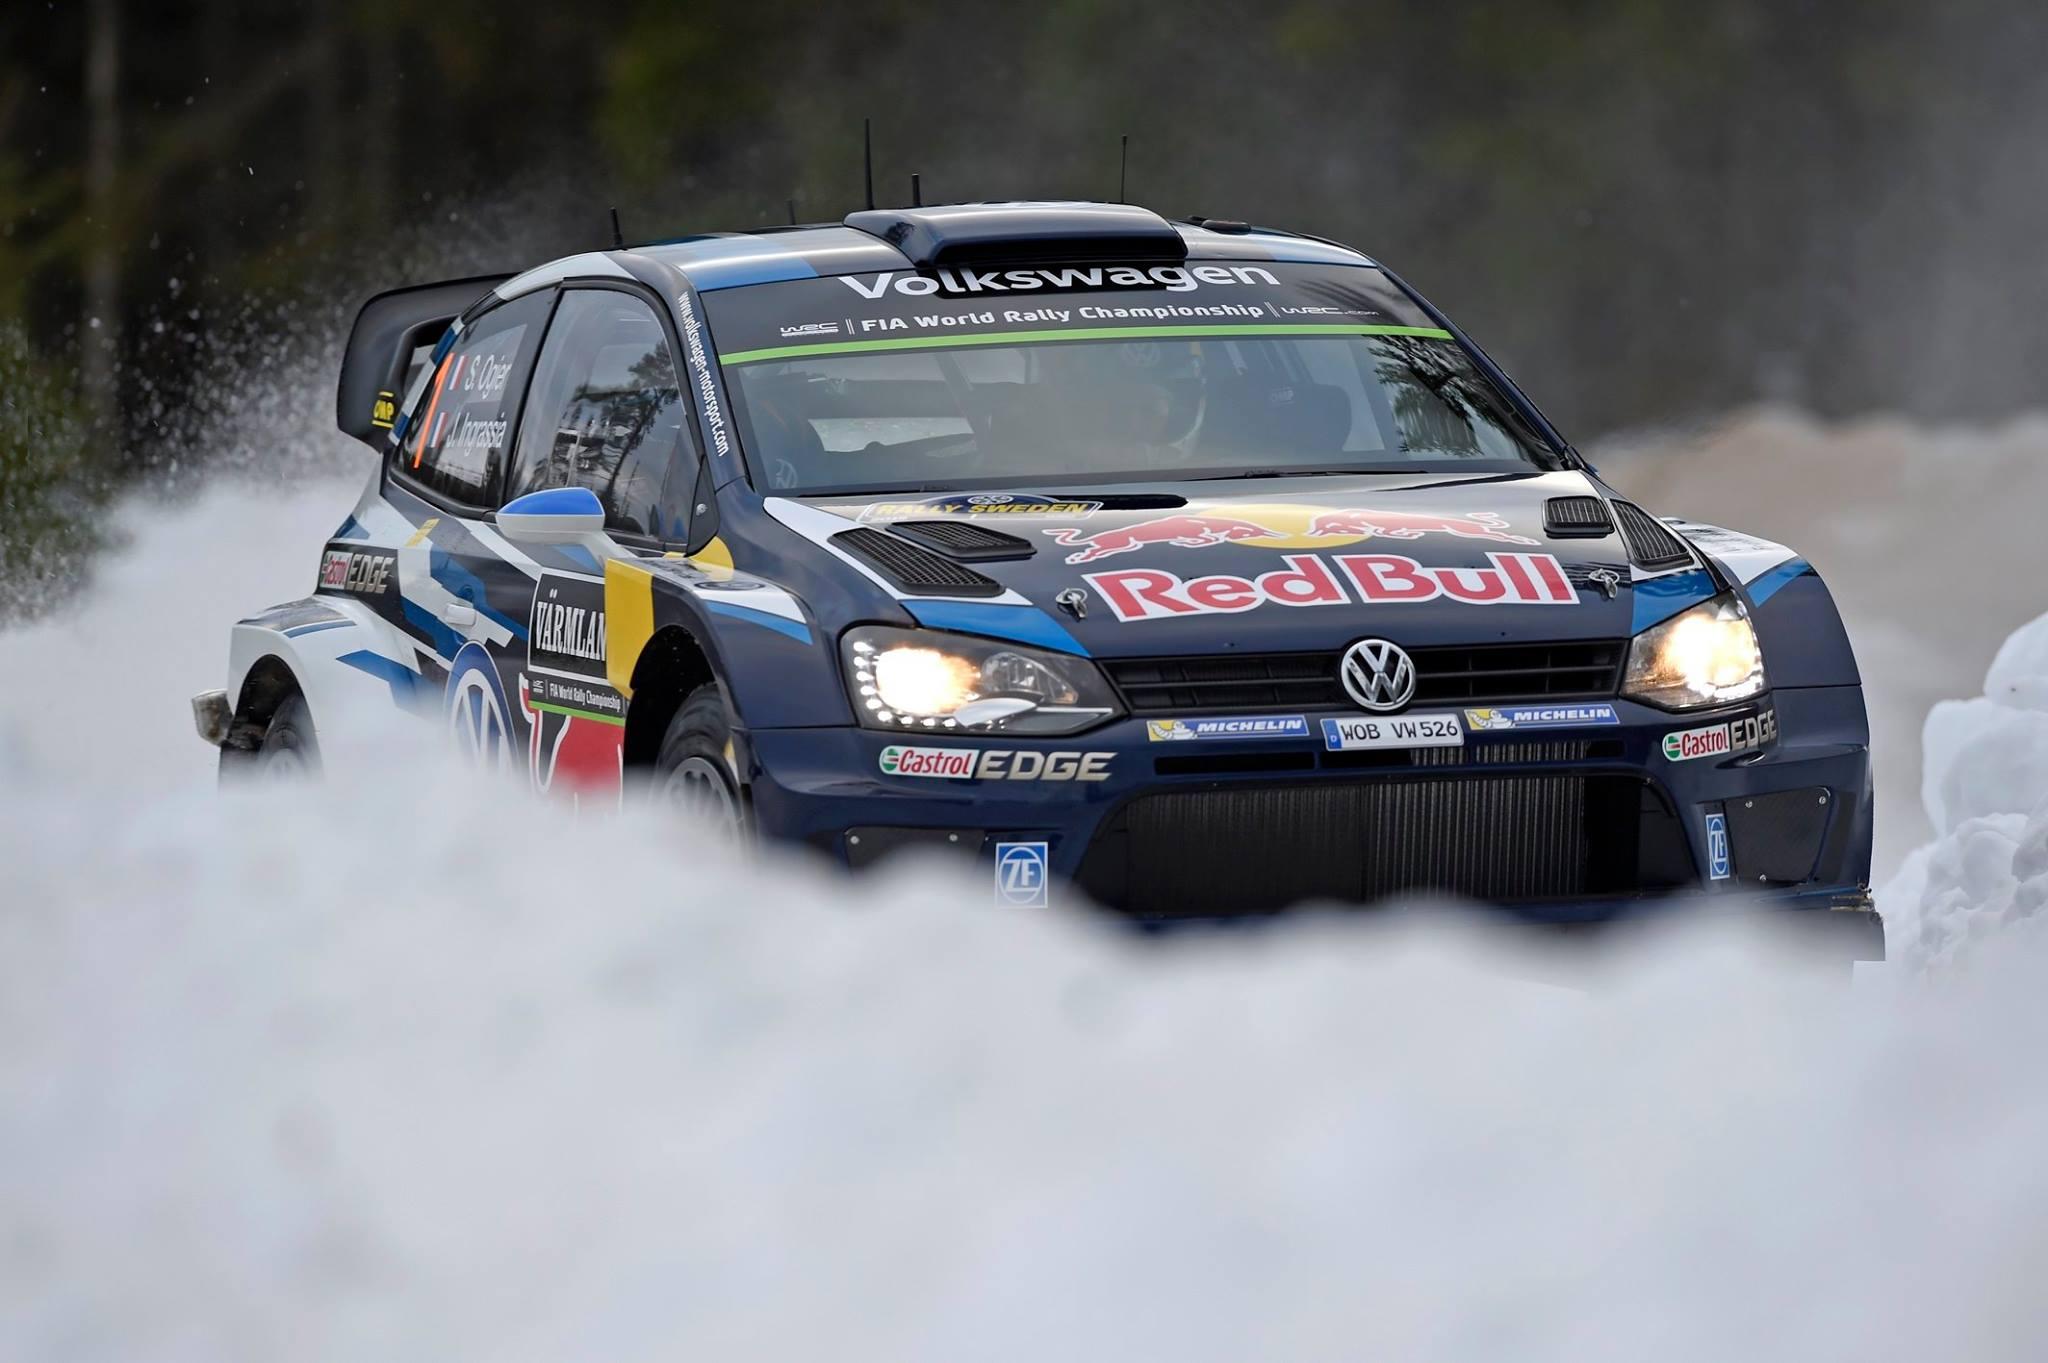 wrc sebastien ogier scores 3rd career win at rally sweden gtspirit. Black Bedroom Furniture Sets. Home Design Ideas